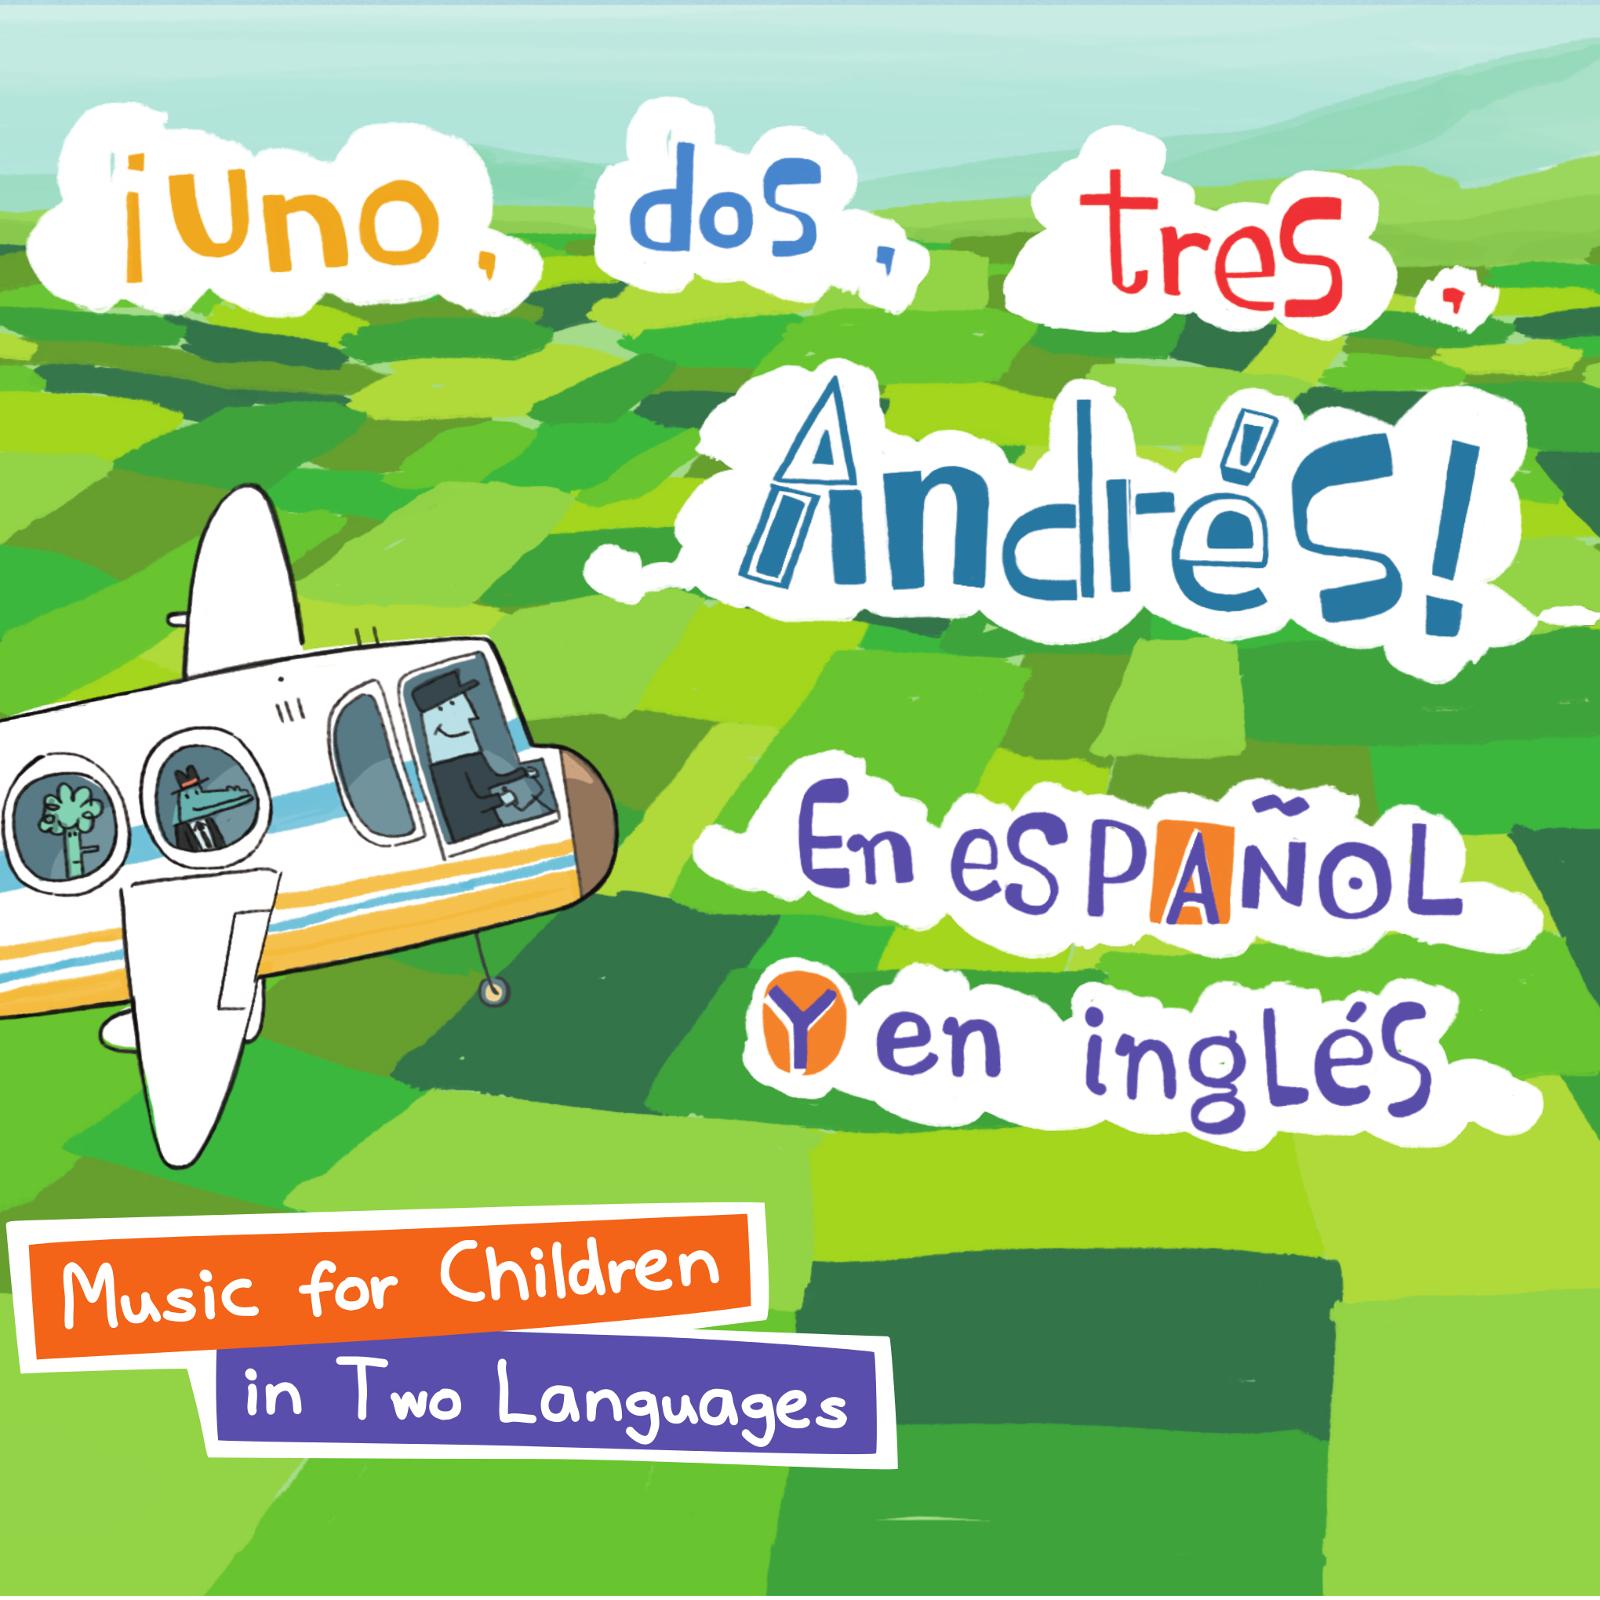 Uno, dos, tres, Andrés en español y en inglés